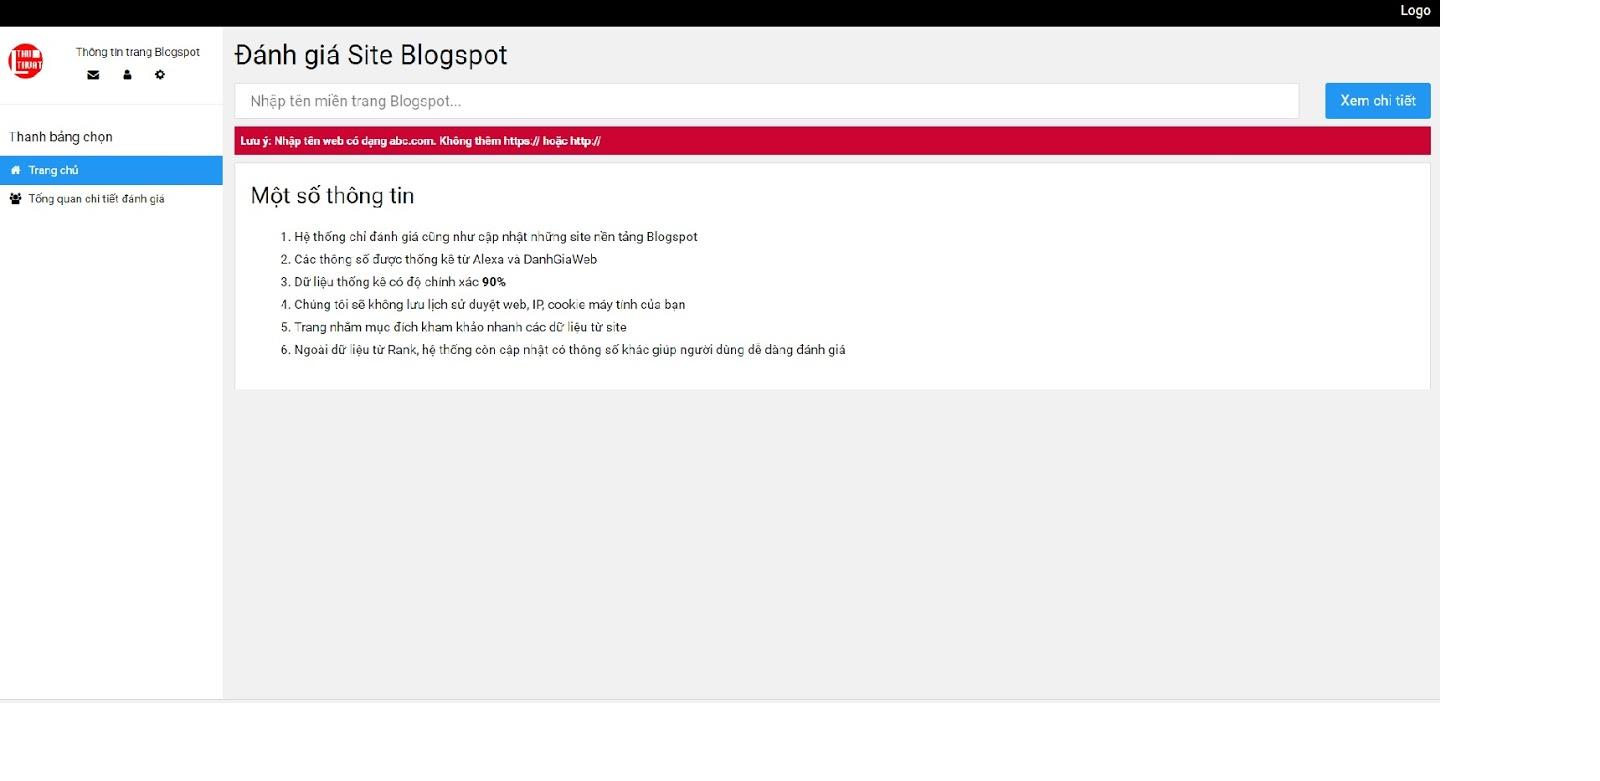 Template Blogger đánh giá rank, thông tin trang web